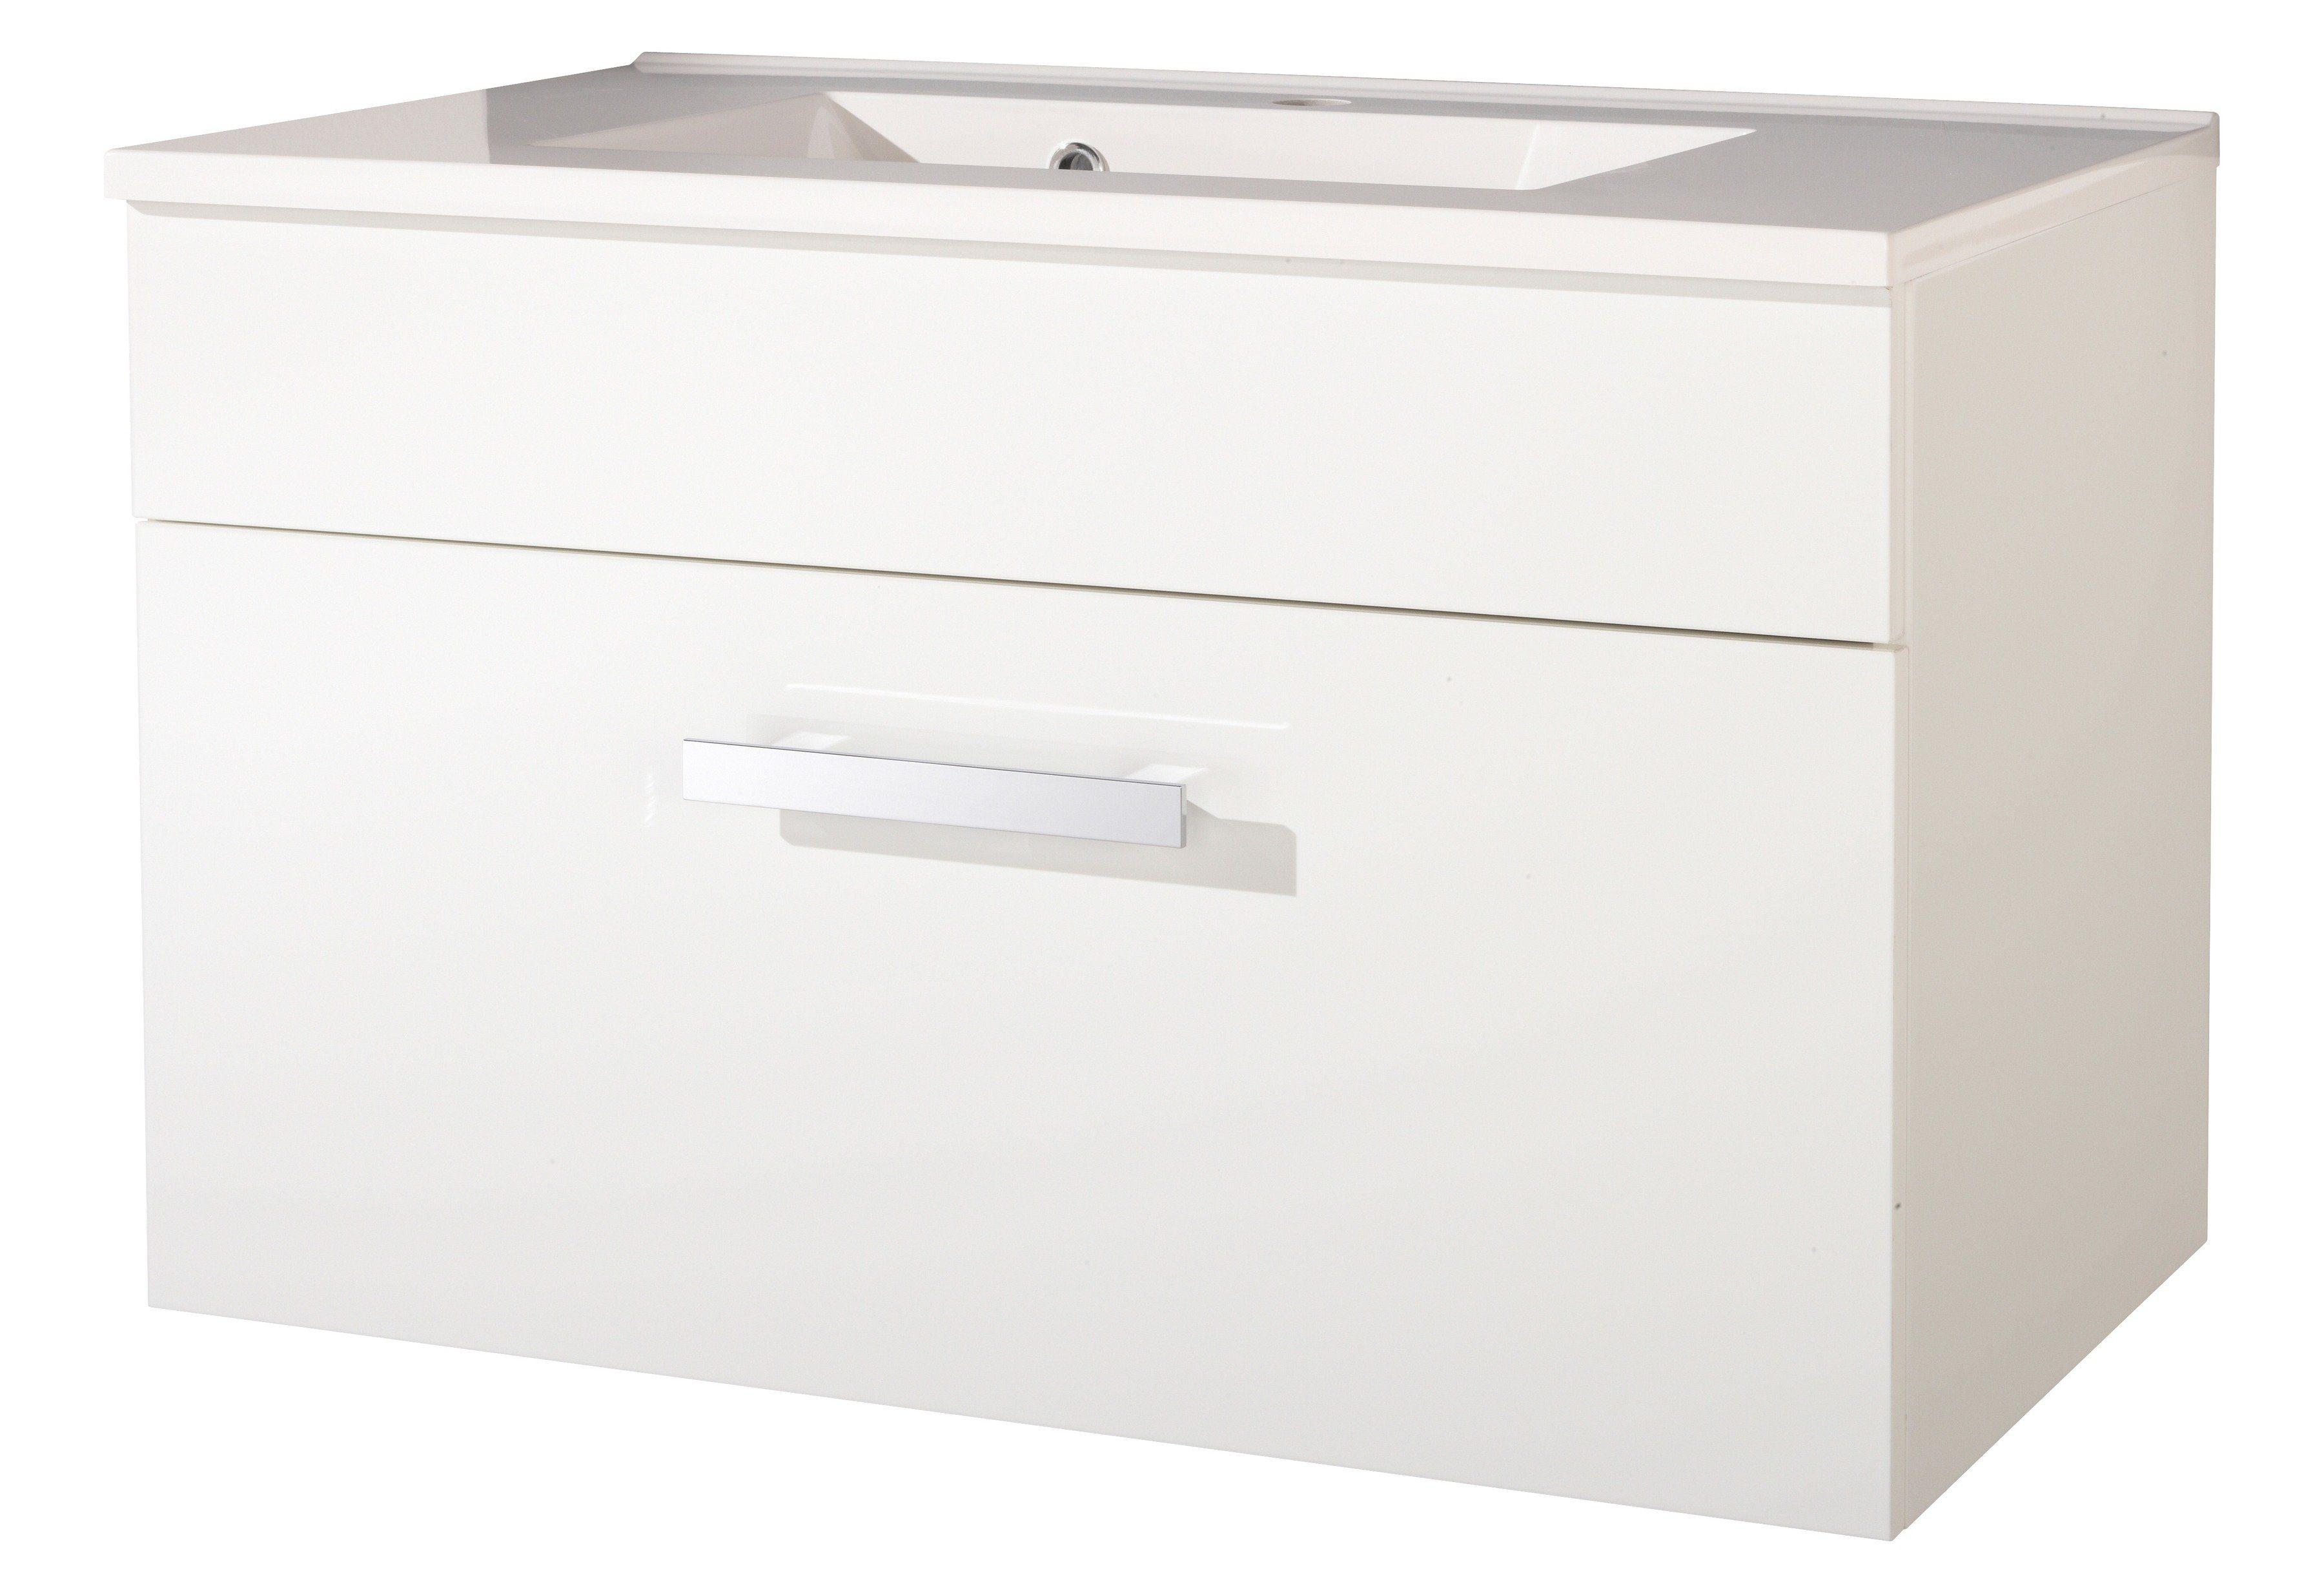 KESPER Waschtisch »Ibiza«, Breite 80 cm, (2-tlg.)